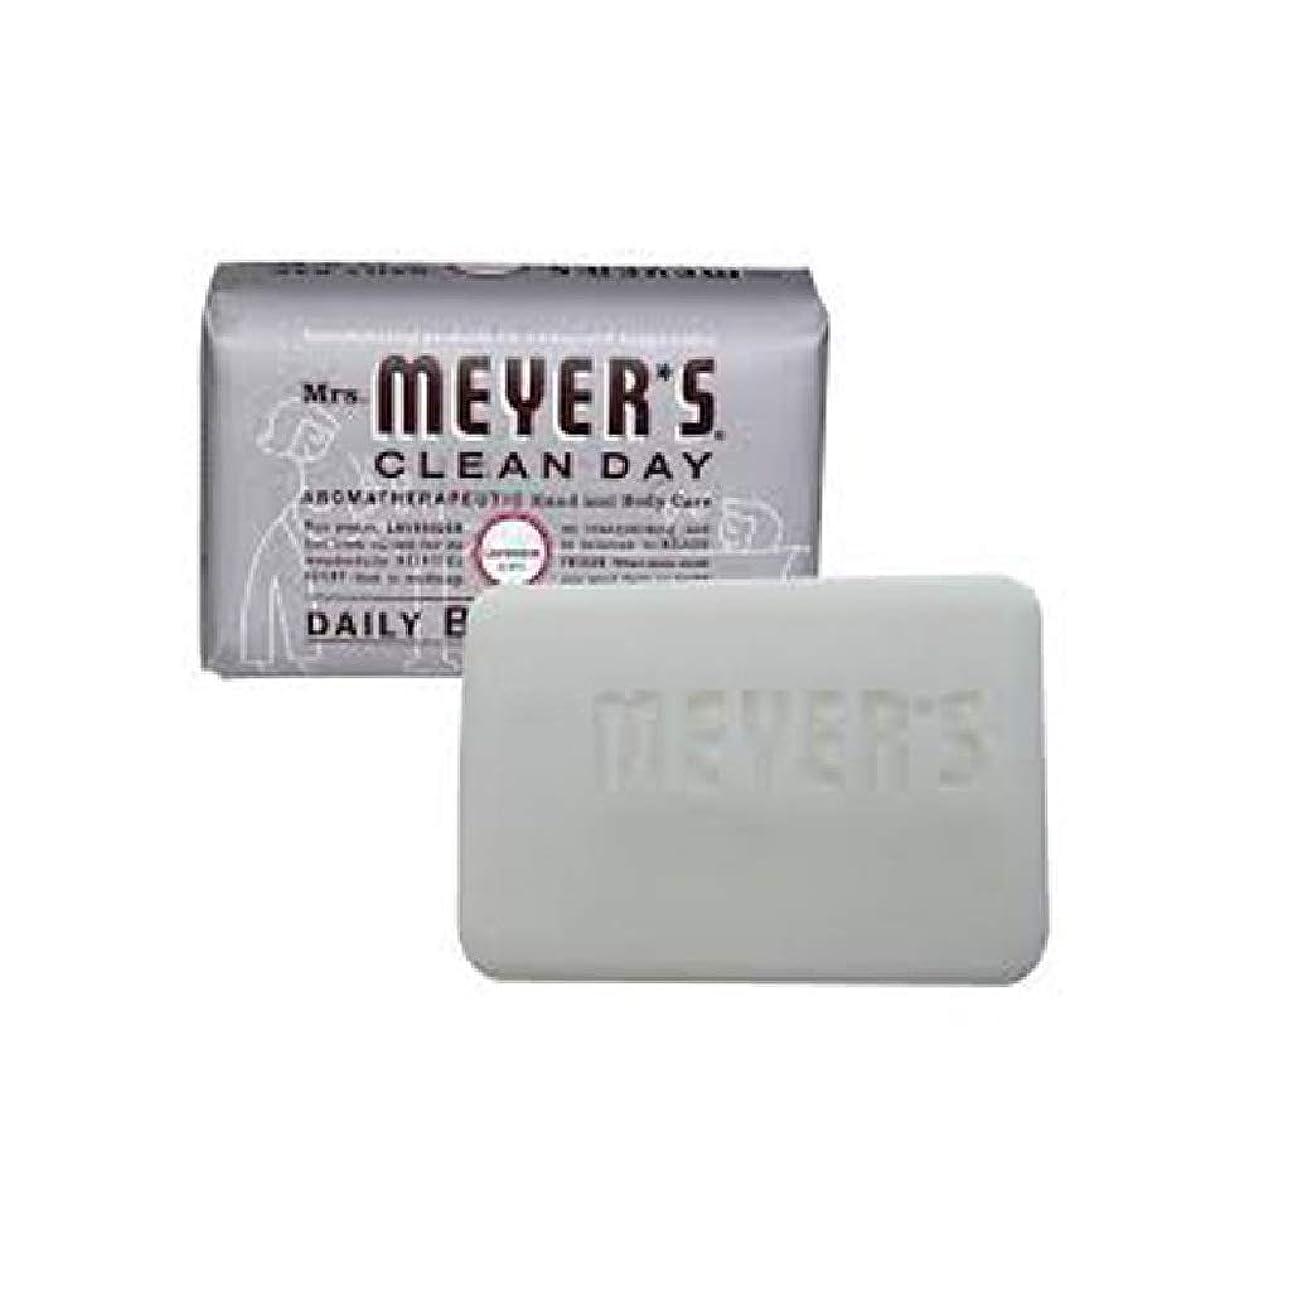 マントル電話する安定2 Packs of Mrs. Meyer's Bar Soap - Lavender - 5.3 Oz by Mrs. Meyer's Clean Day